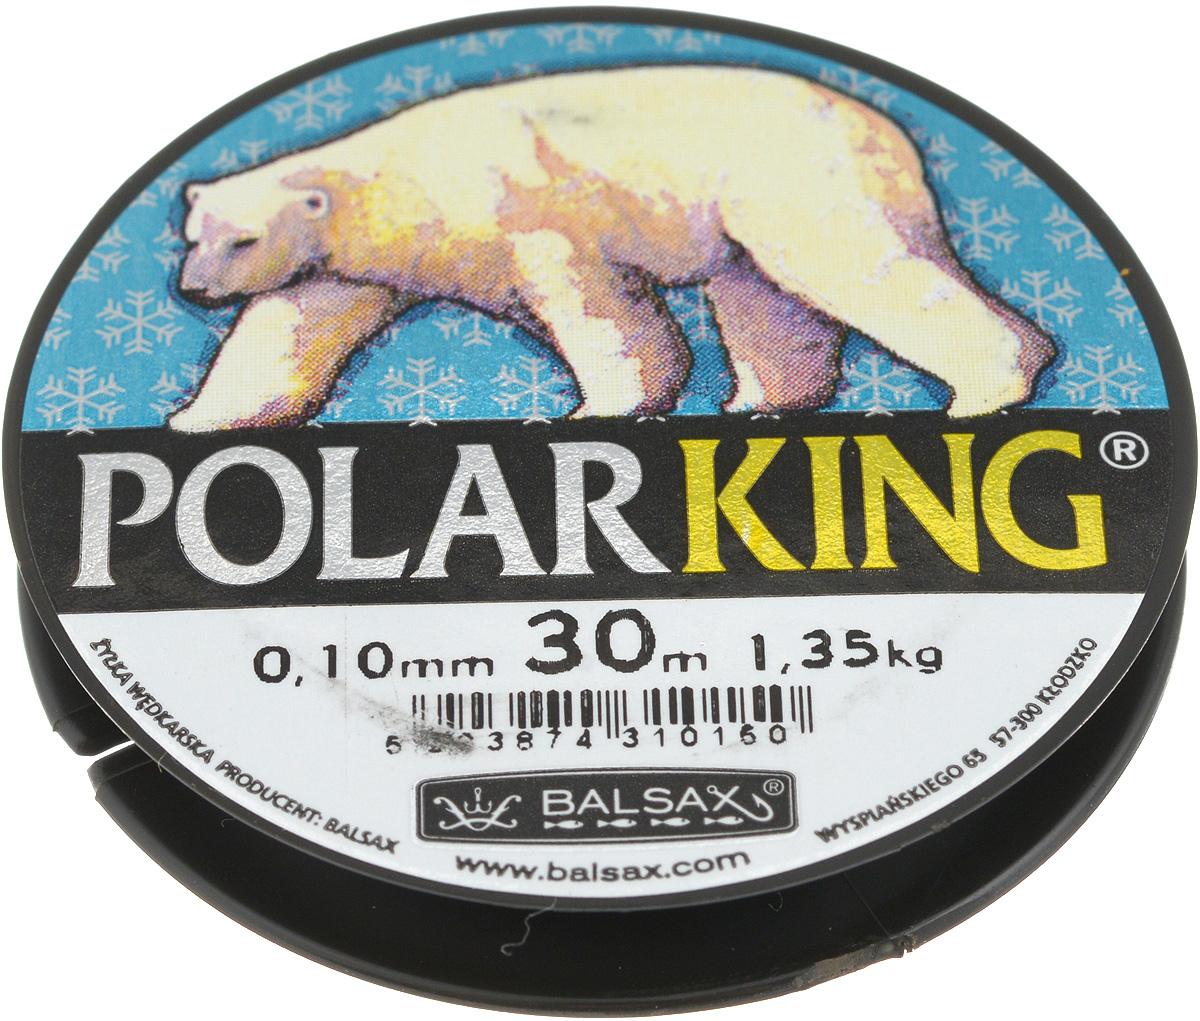 Леска зимняя Balsax Polar King, 30 м, 0,10 мм, 1,35 кг61146Леска Balsax Polar King изготовлена из 100% нейлона и очень хорошо выдерживает низкие температуры. Даже в самом холодном климате, при температуре вплоть до -40°C, она сохраняет свои свойства практически без изменений, в то время как традиционные лески становятся менее эластичными и теряют прочность.Поверхность лески обработана таким образом, что она не обмерзает и отлично подходит для подледного лова. Прочна в местах вязки узлов даже при минимальном диаметре.